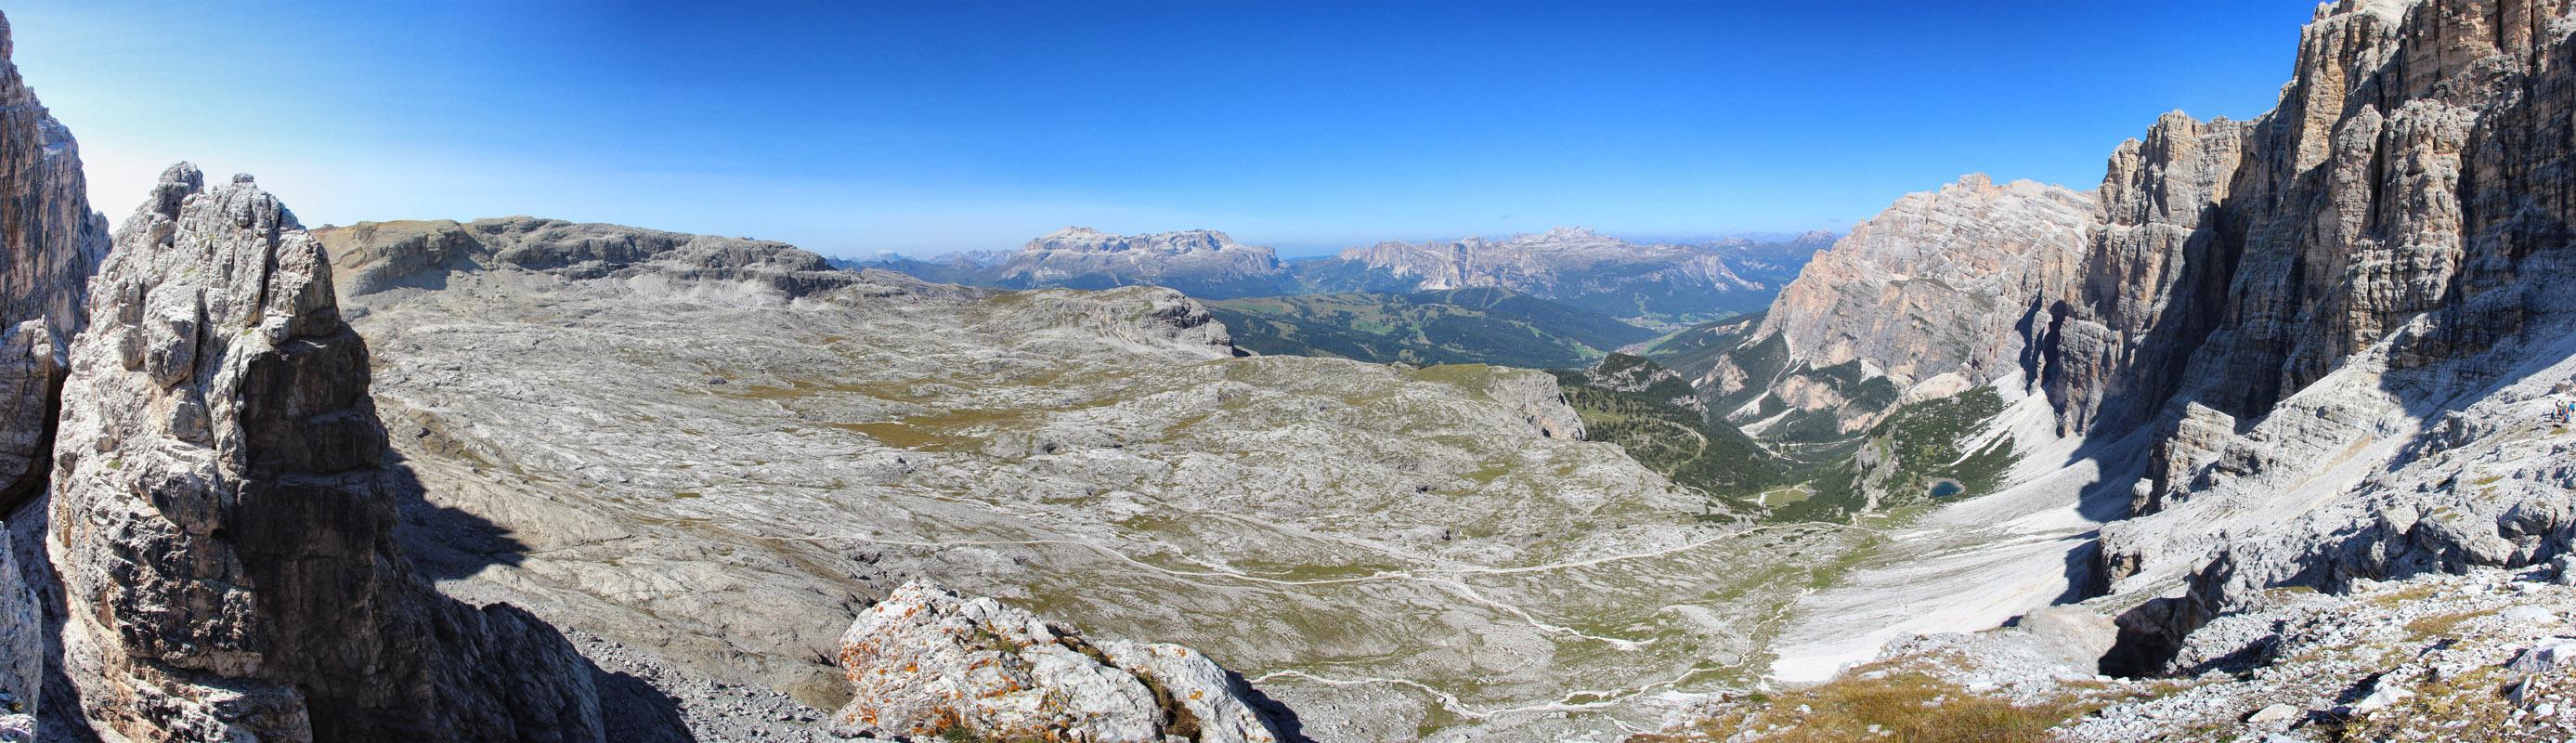 Panoráma planiny medzi Lagazuoi a Le de Lagacio, Dolomity